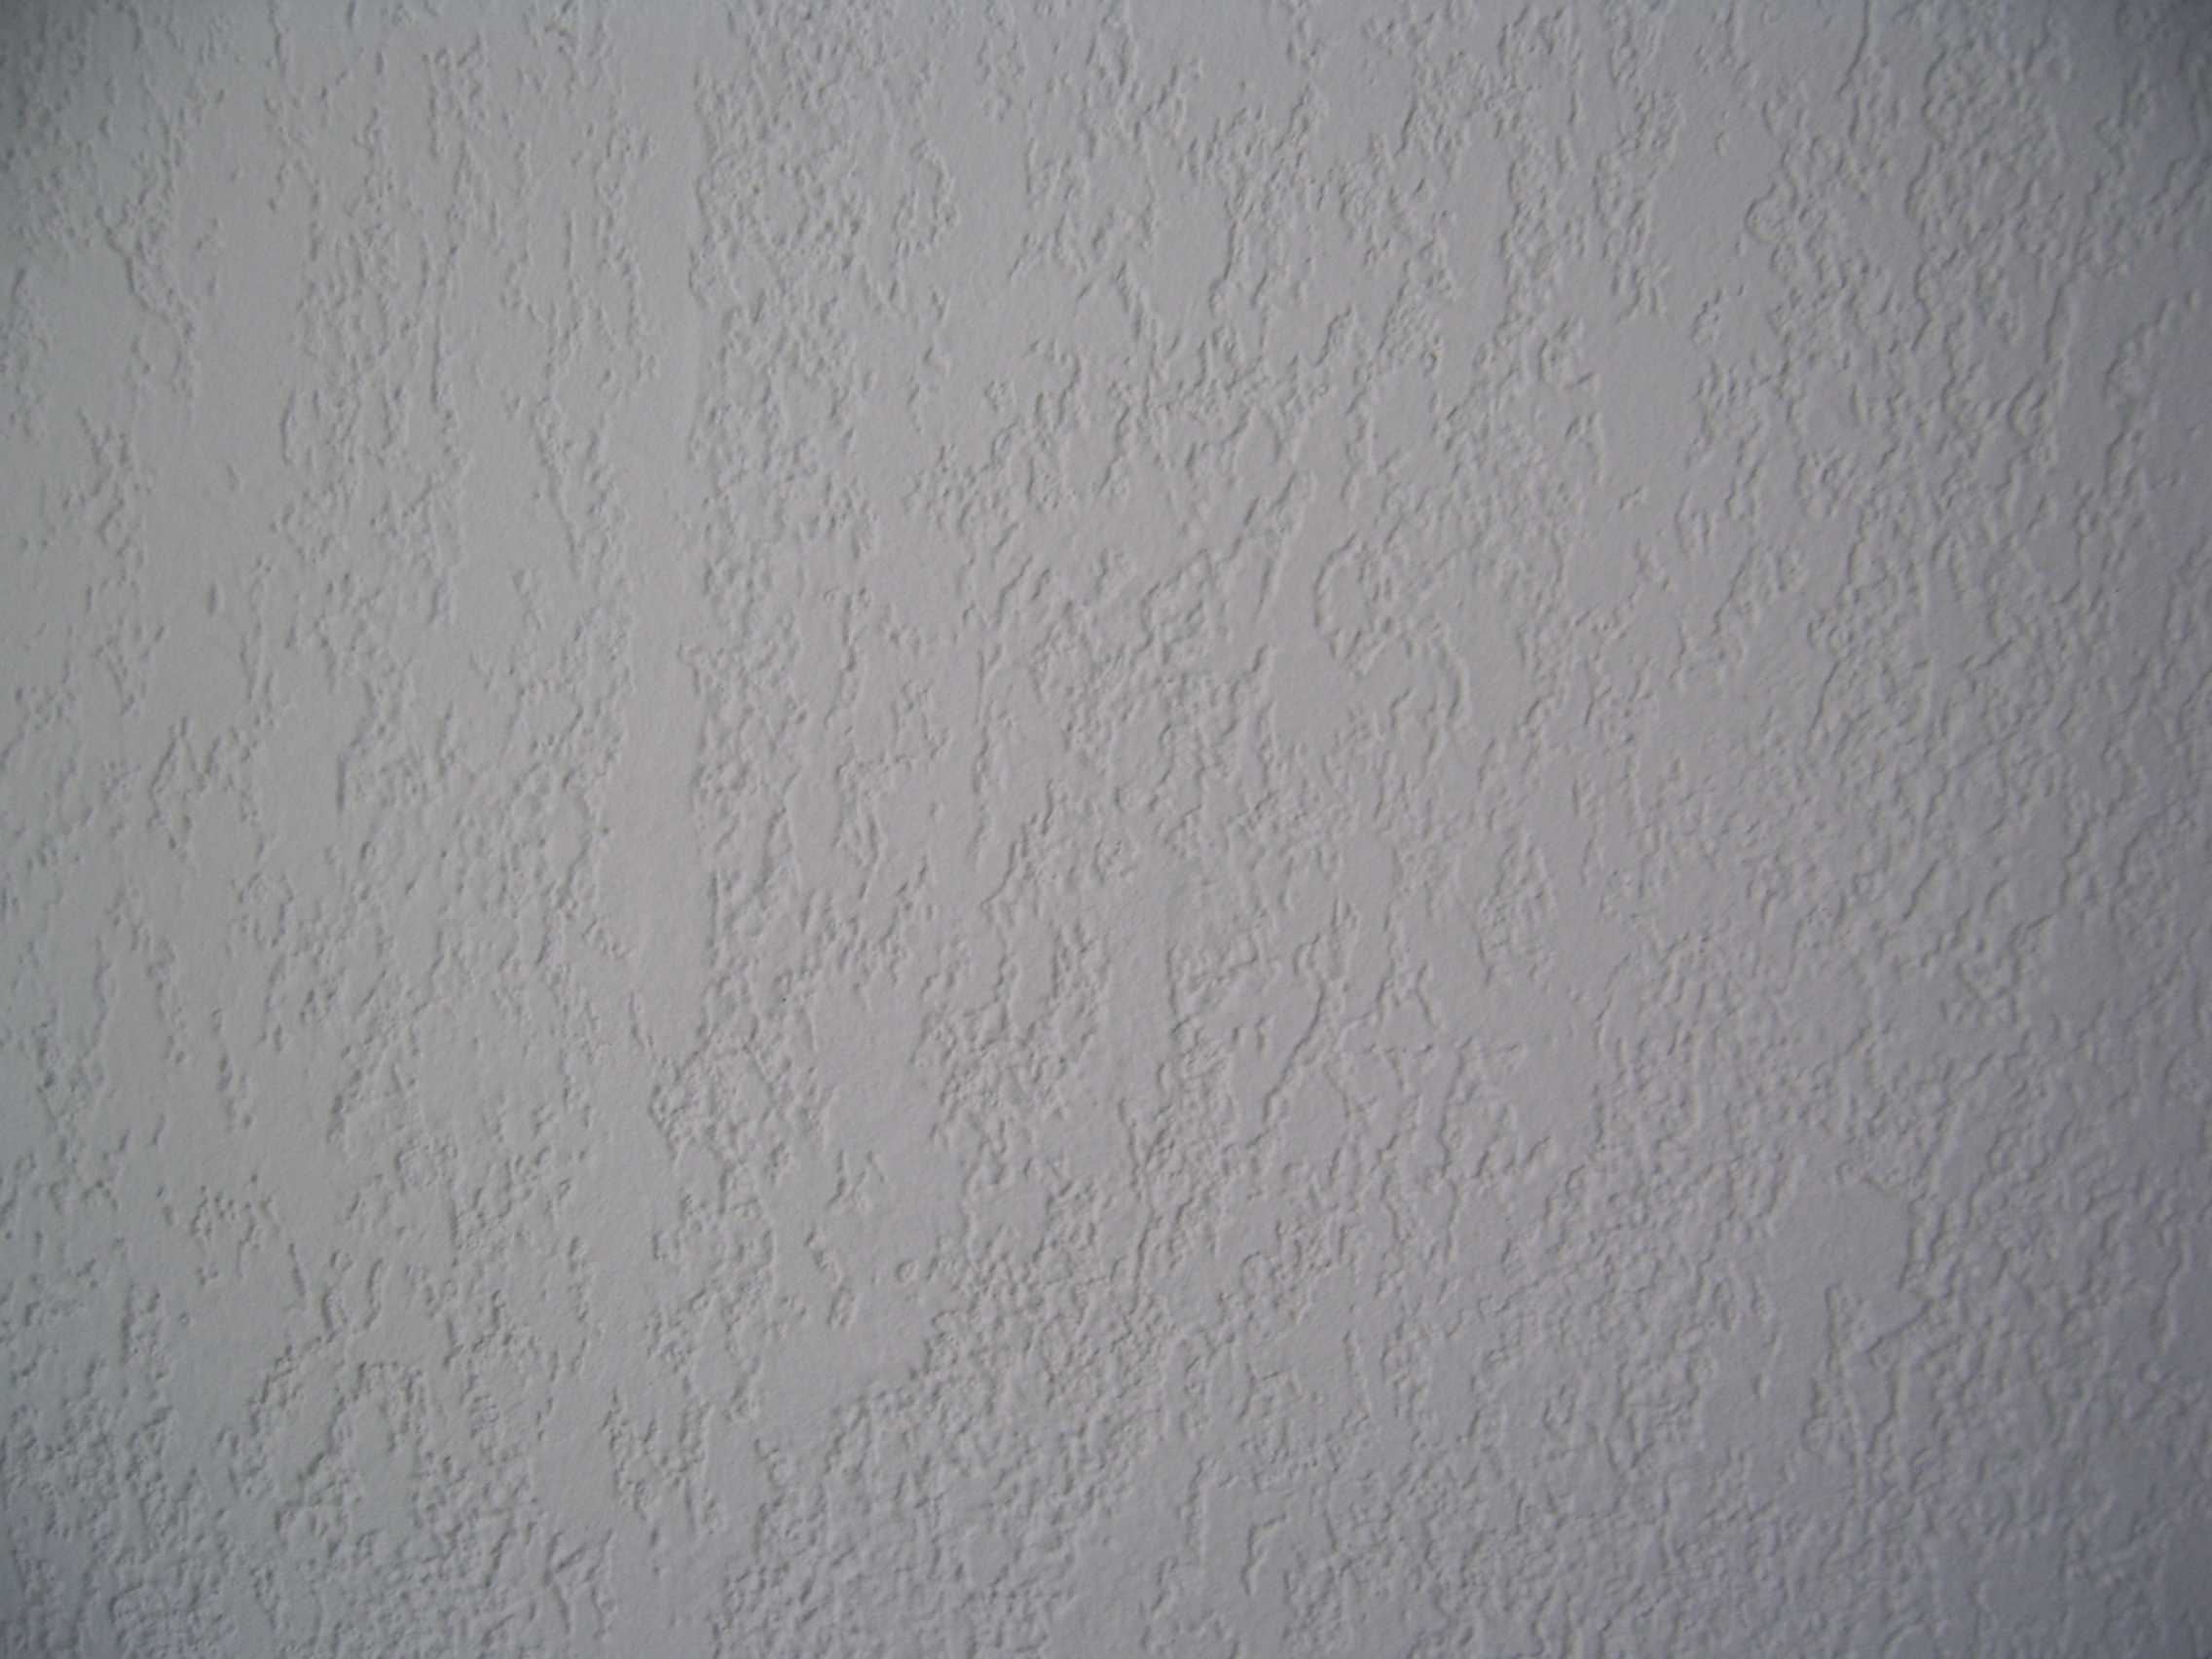 Conseils pour lisser mur for Enduit pour crepi interieur